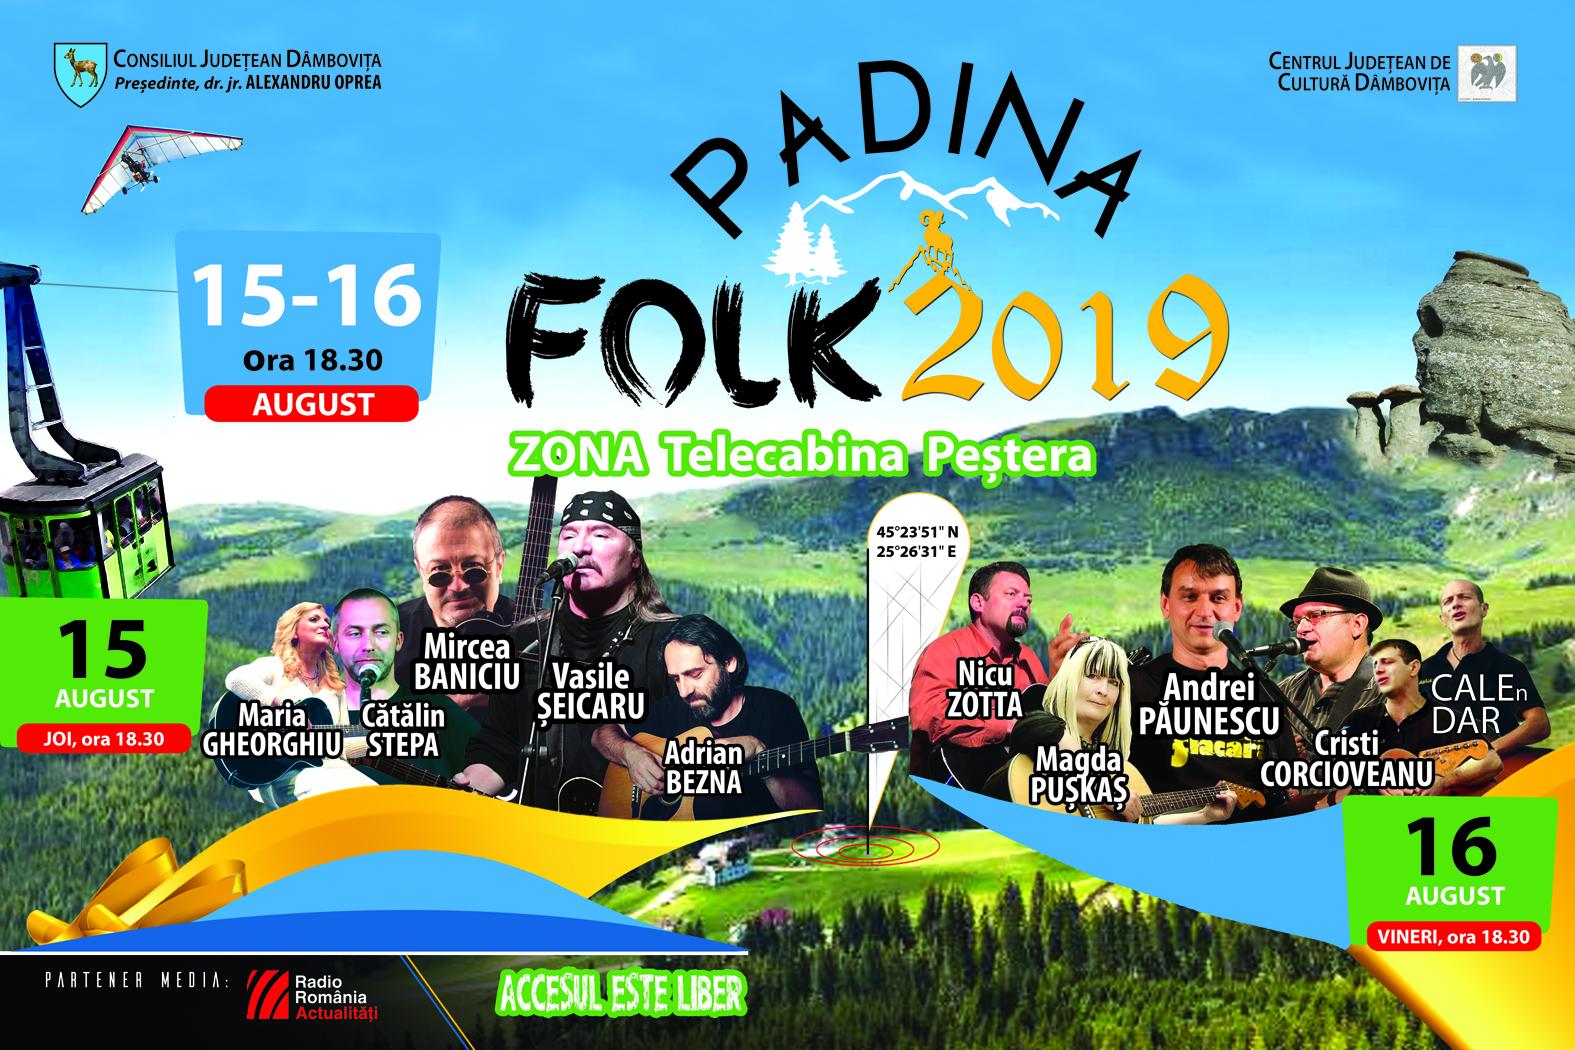 Padina folk